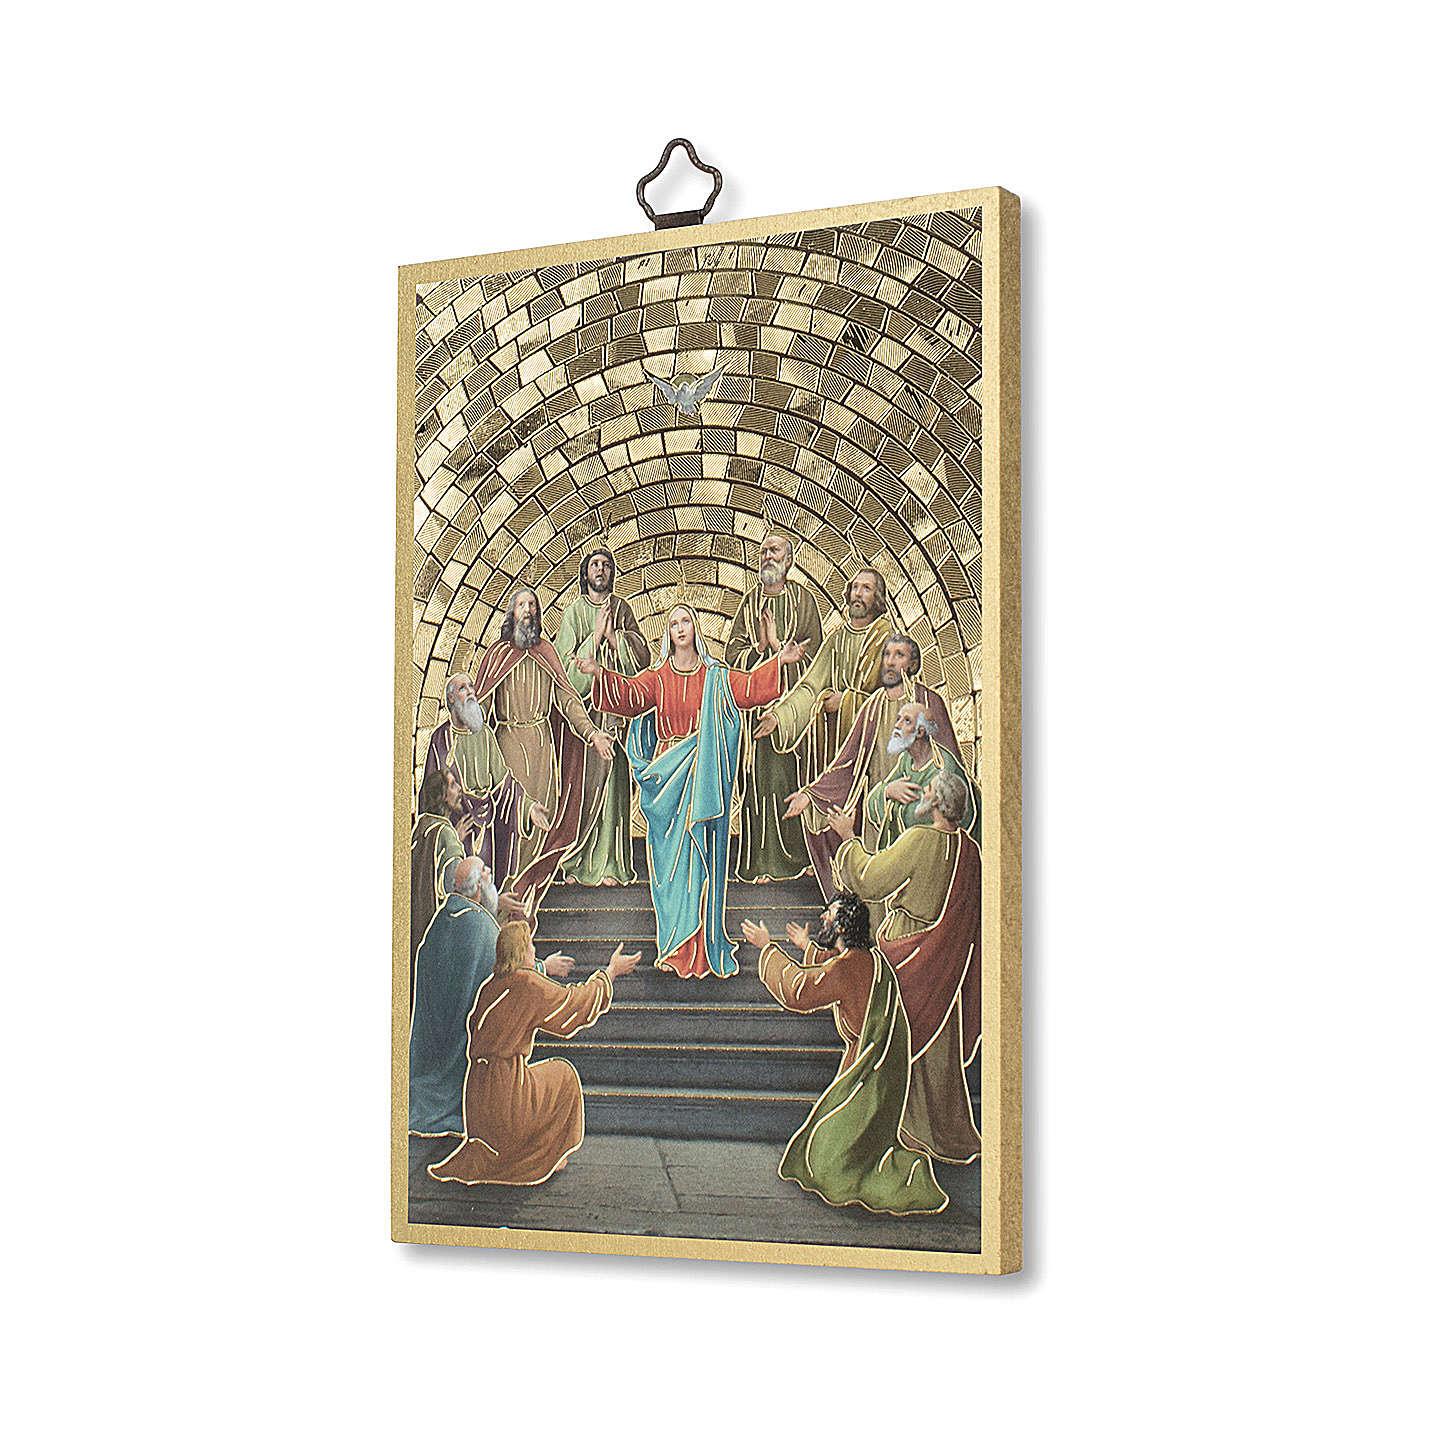 Estampa sobre Madera Pentecostés Recuerdo Confirmación ITALIANO 3